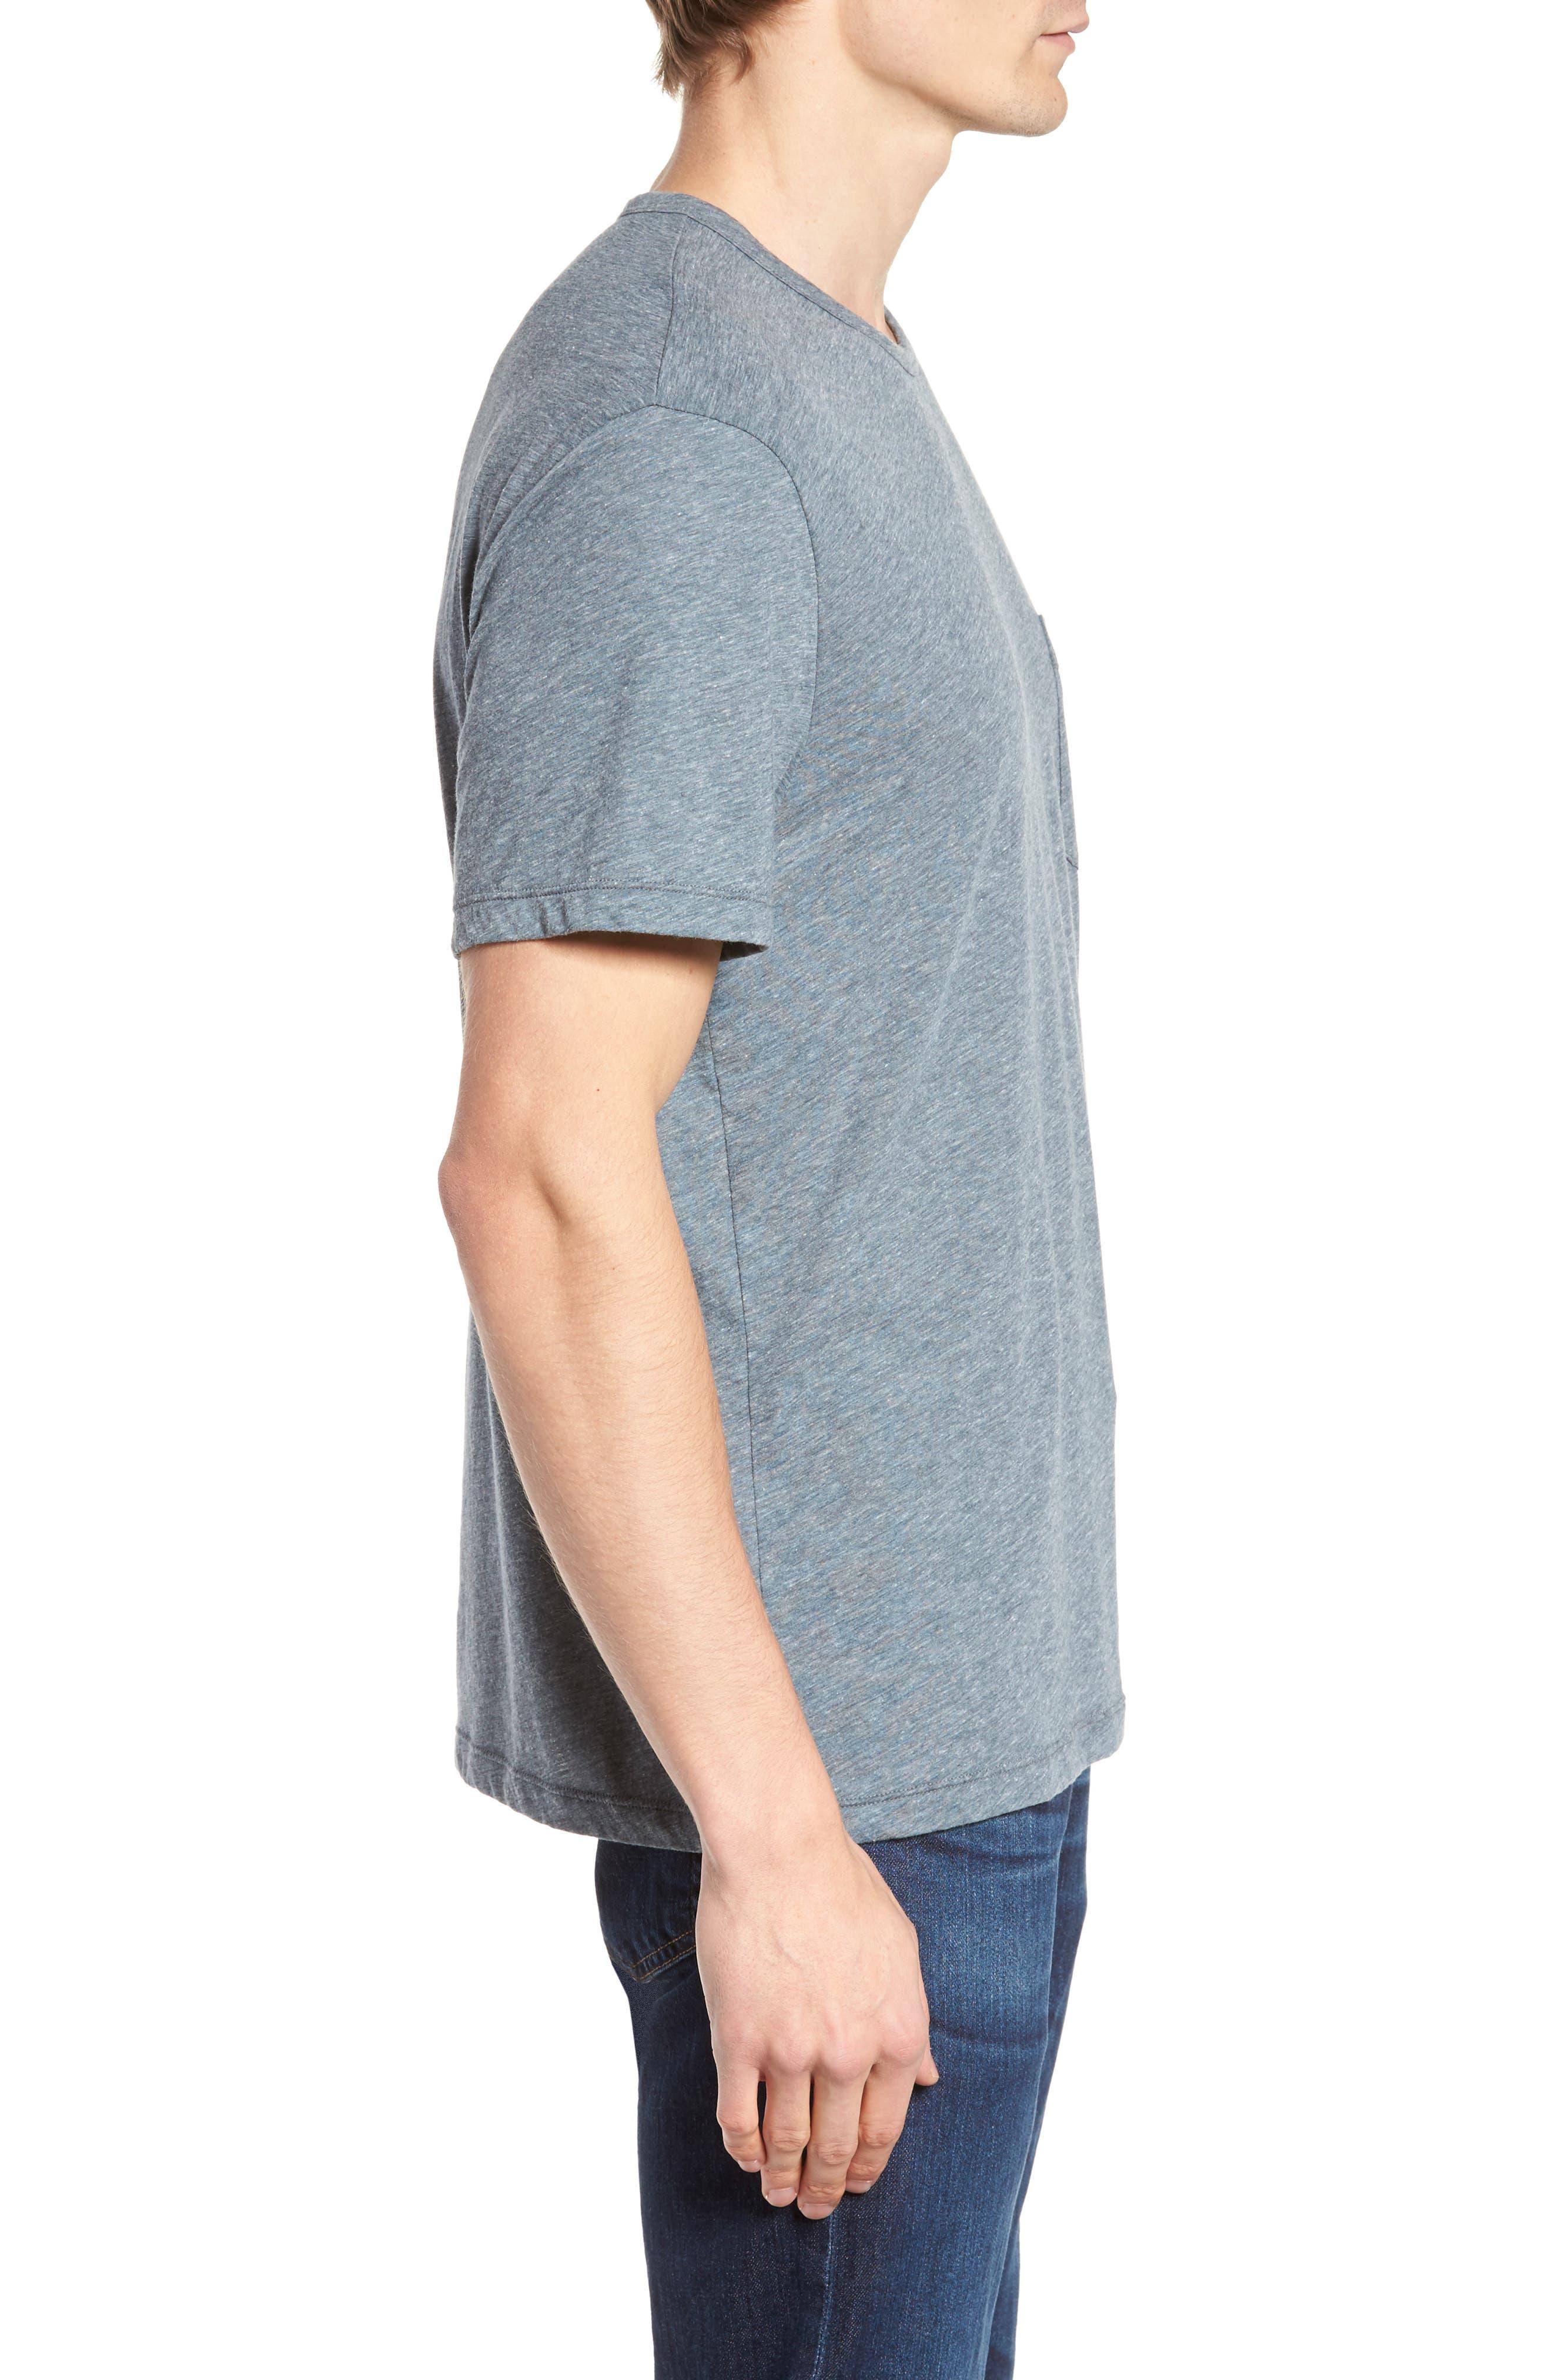 Alternate Image 3  - James Perse Slubbed Cotton & Linen Pocket T-Shirt